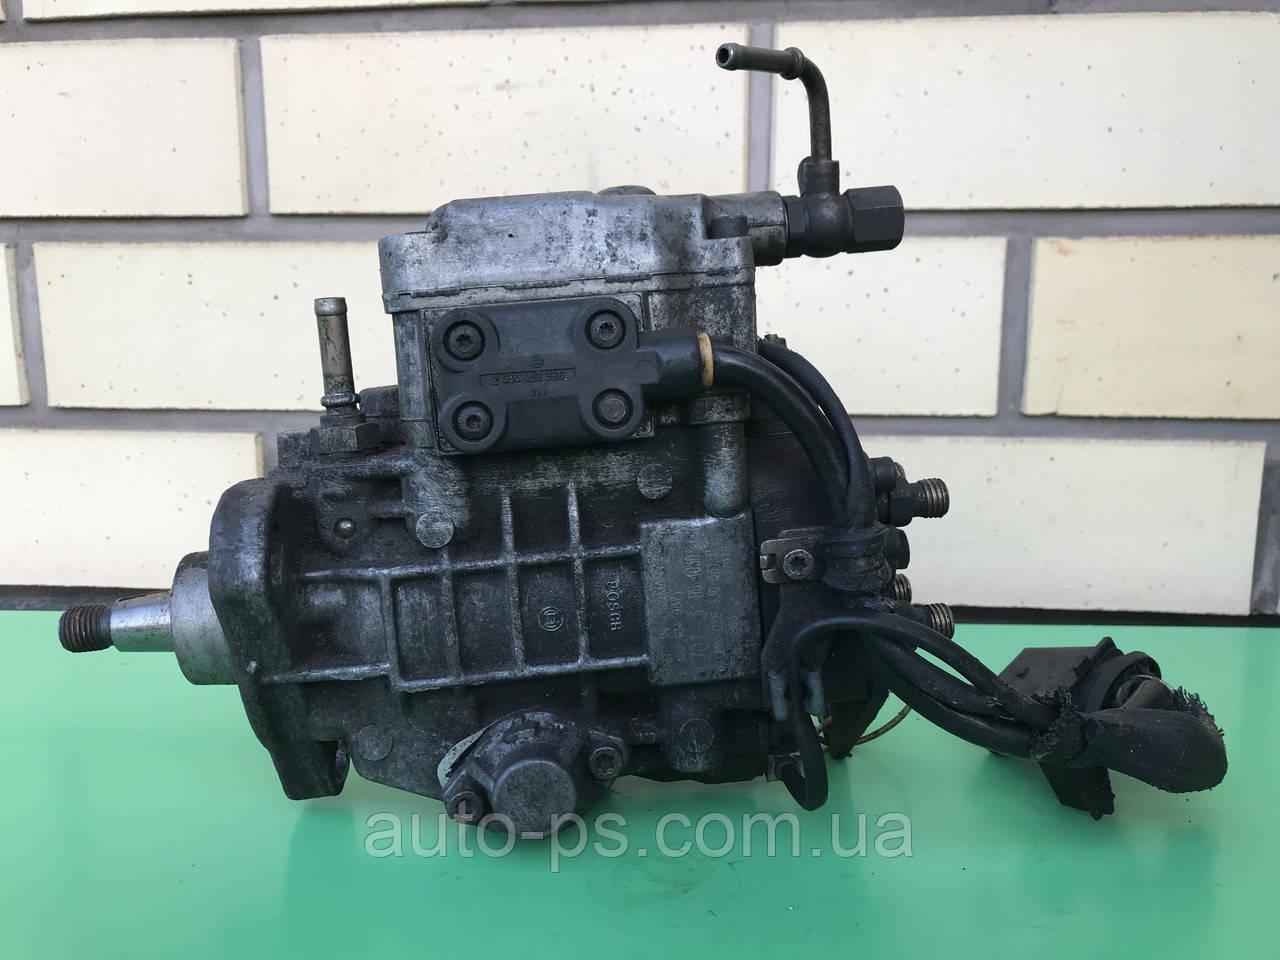 Топливный насос высокого давления (ТНВД) Volkswagen Lupo 1.7SDI 1998-2005 год.